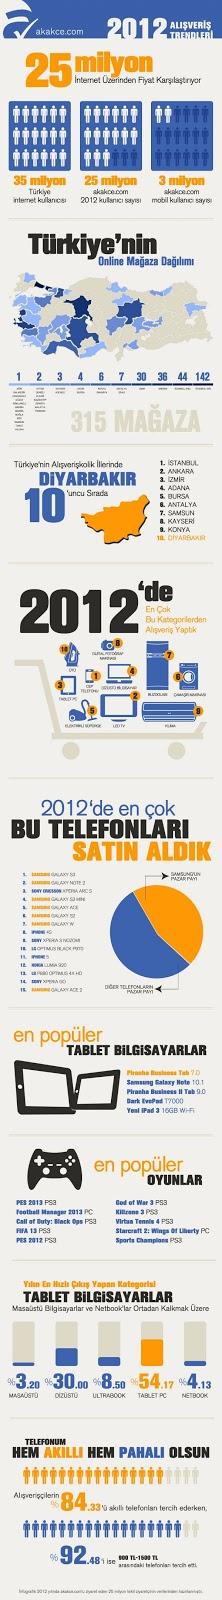 Akakçe 2012'nin En Popülerlerini Açıkladı Akakçe 2012'nin En Popülerlerini Açıkladı akakce com 2012